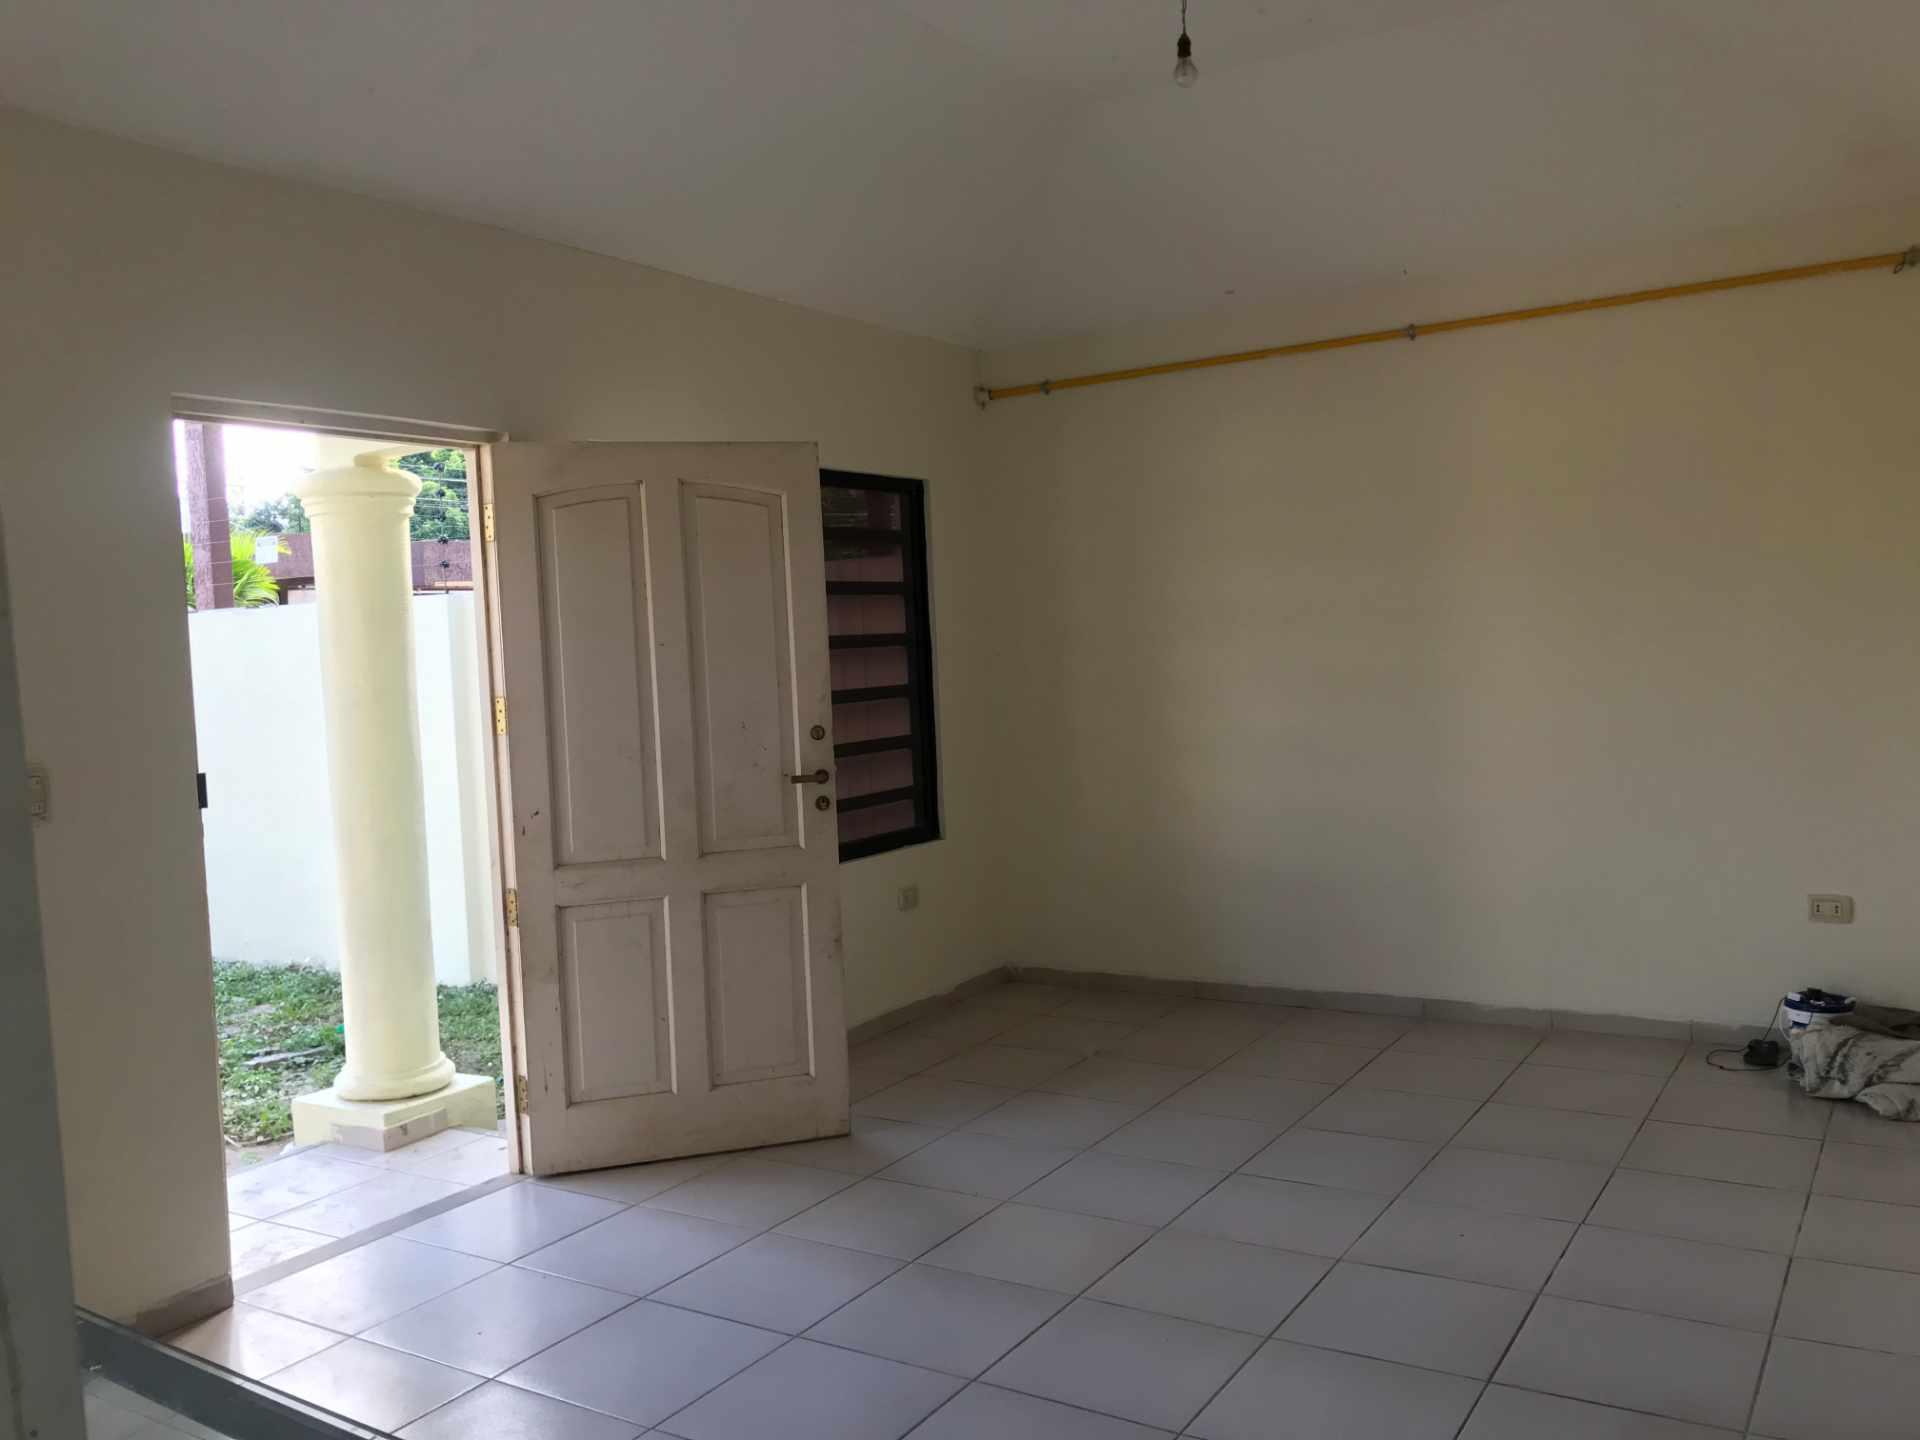 Casa en Venta AV. BANZER 8vo ANILLO, ZONA EL REMANSO III Foto 6